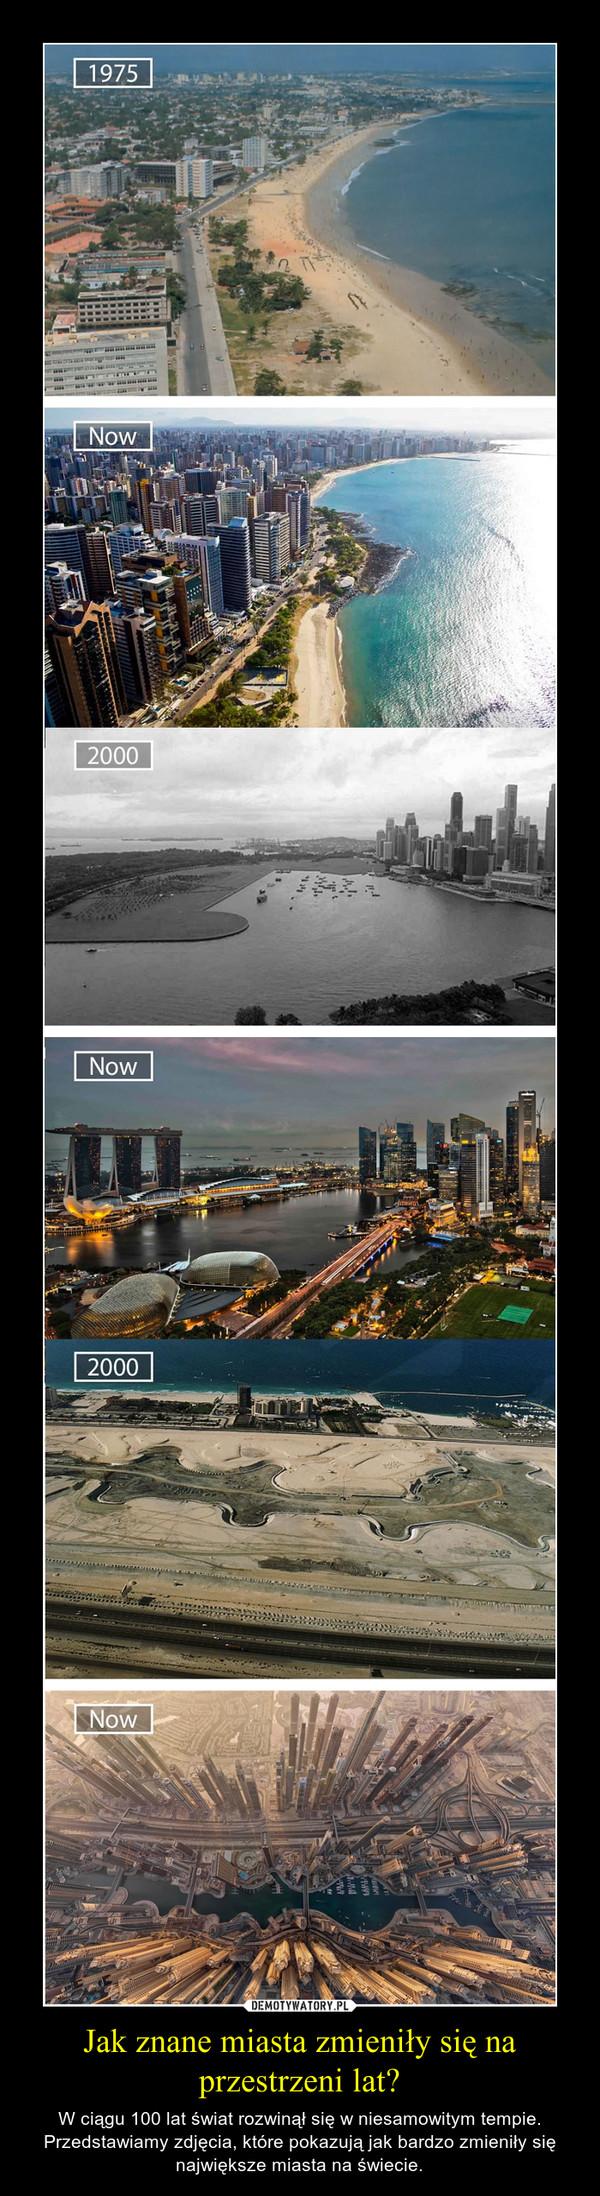 Jak znane miasta zmieniły się na przestrzeni lat? – W ciągu 100 lat świat rozwinął się w niesamowitym tempie. Przedstawiamy zdjęcia, które pokazują jak bardzo zmieniły się największe miasta na świecie.